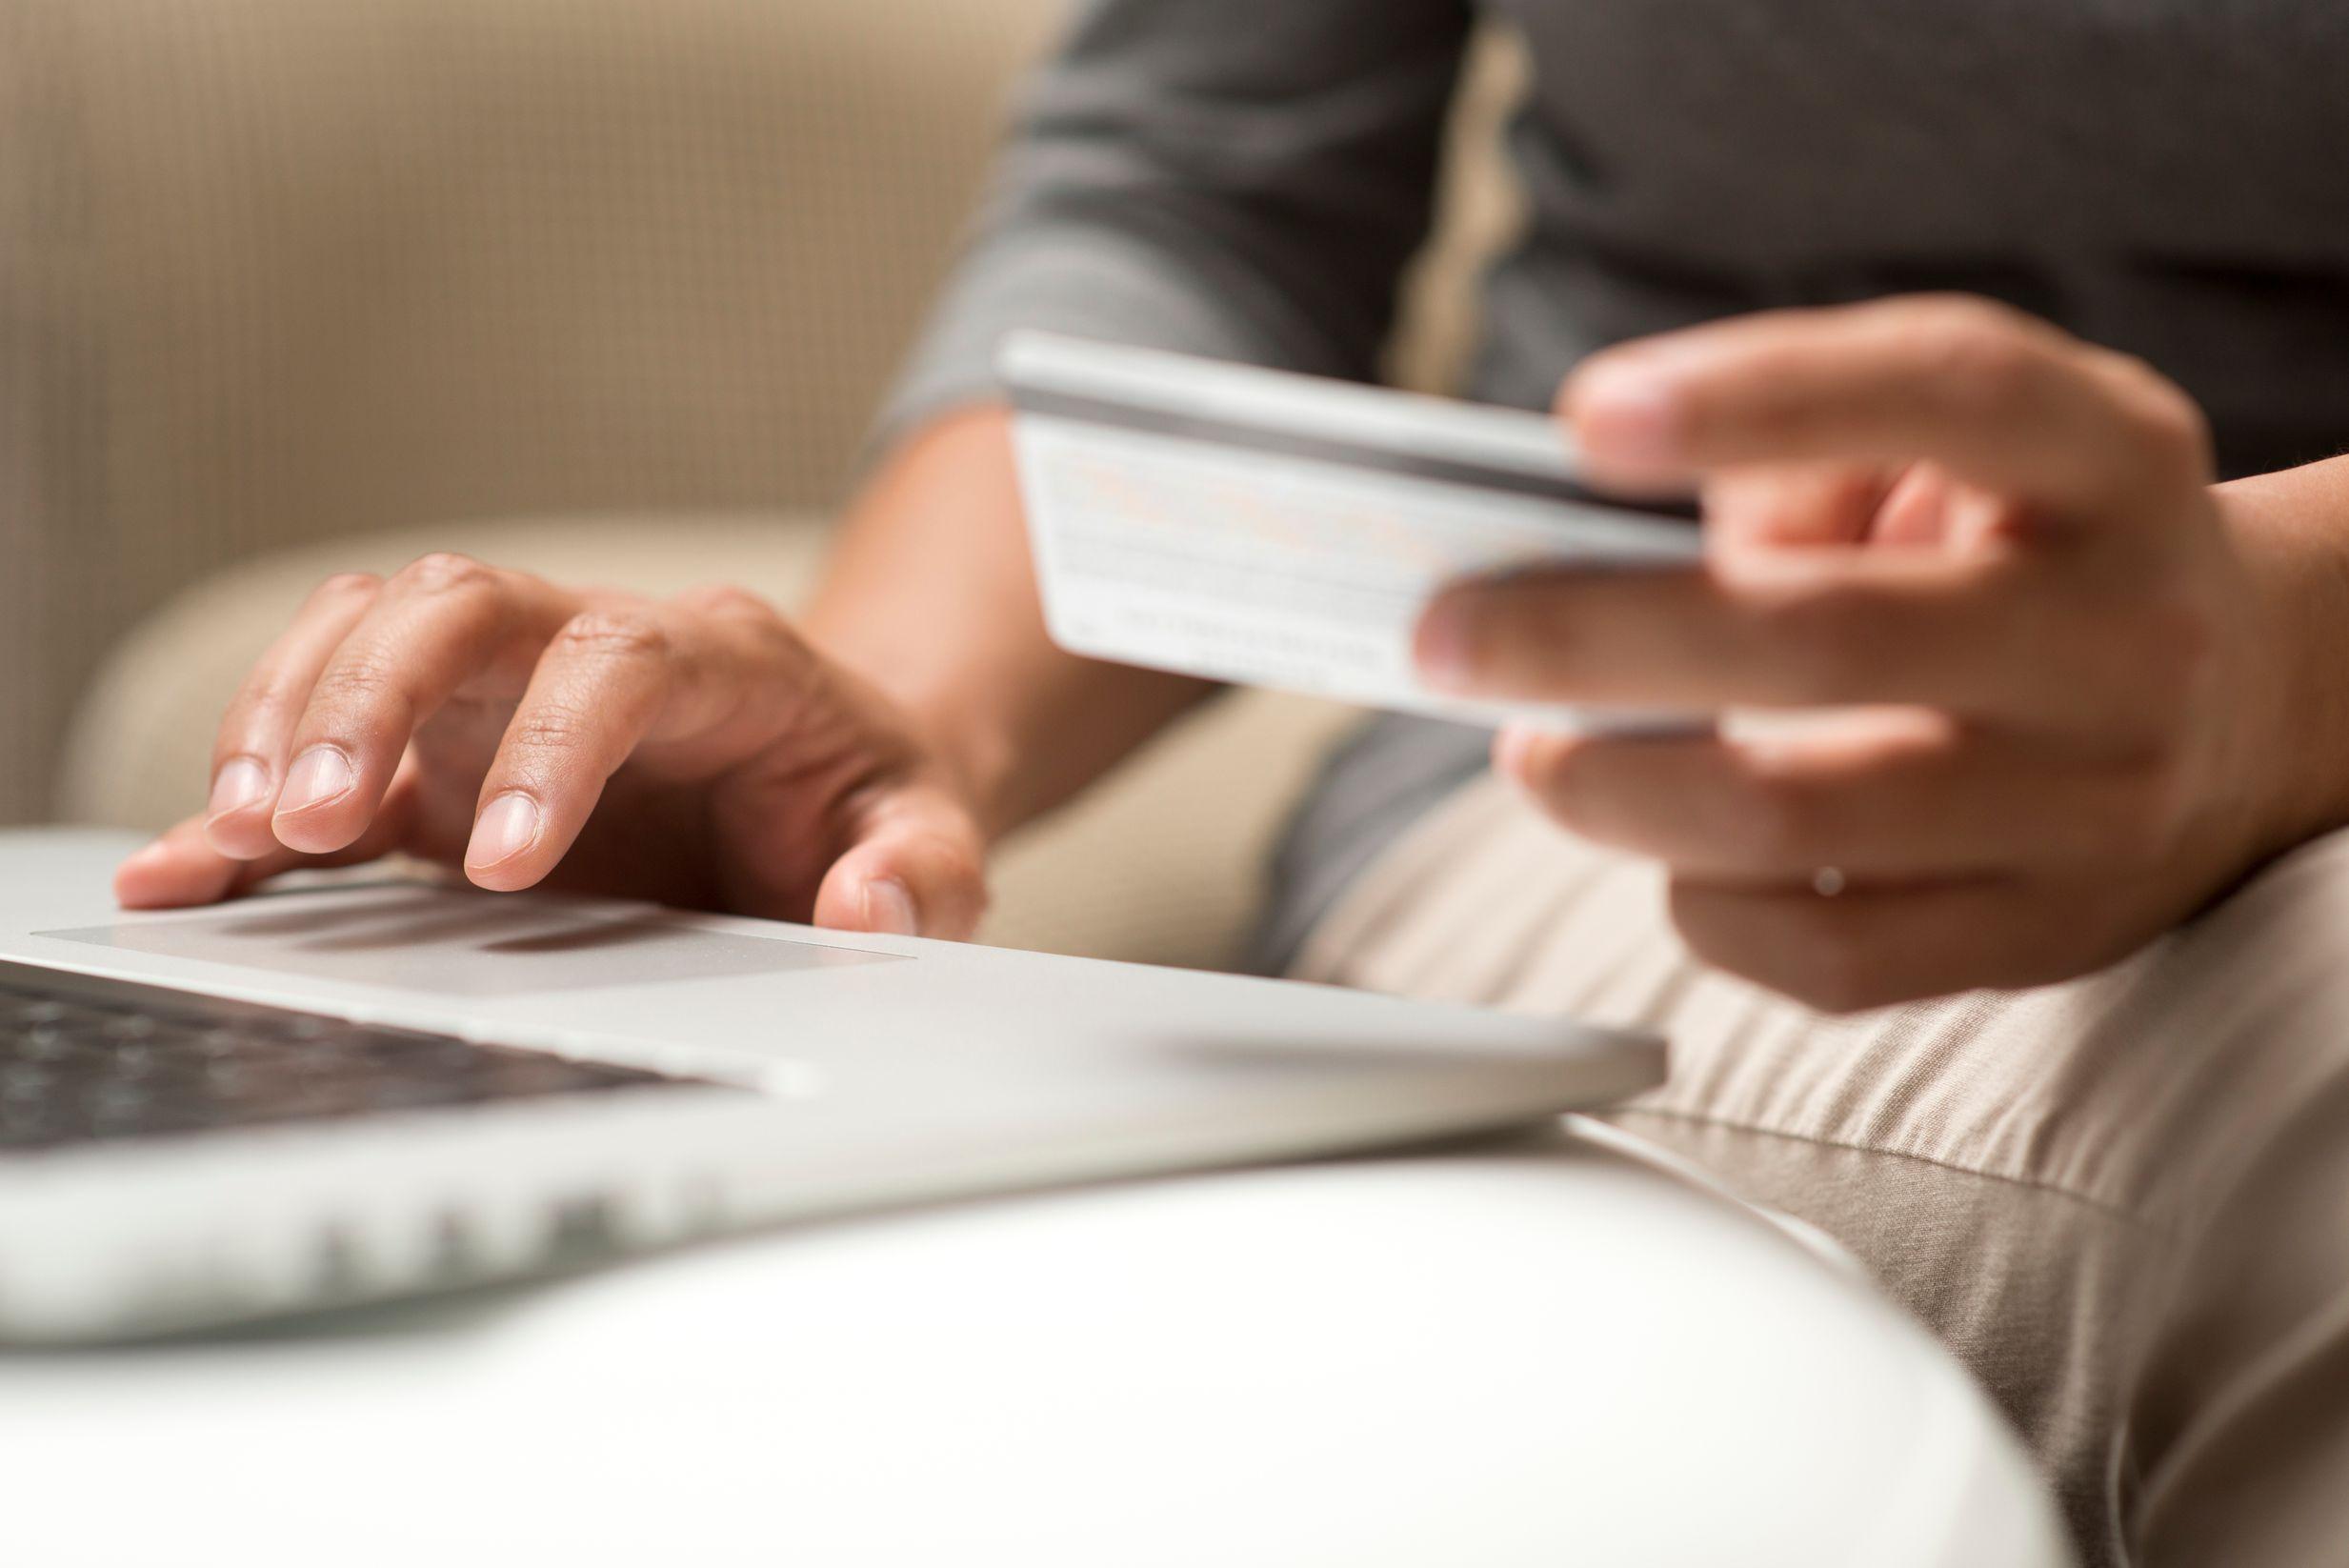 Πληρωμή με πιστωτική κάρτα online